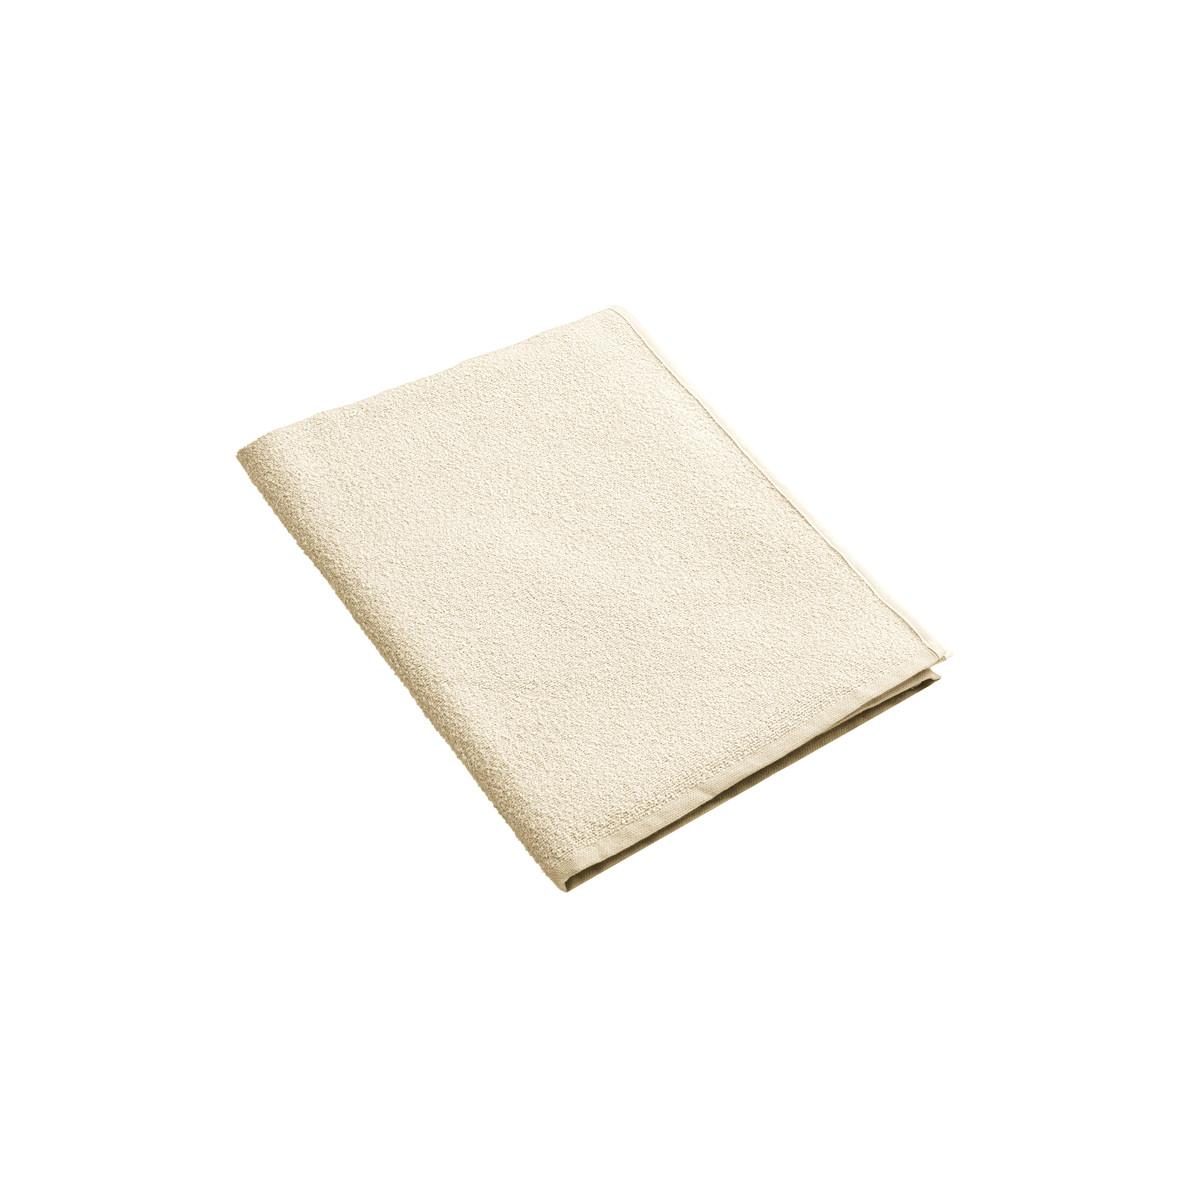 SAUNA- UND MASSAGEFROTTIER HAND TOWEL